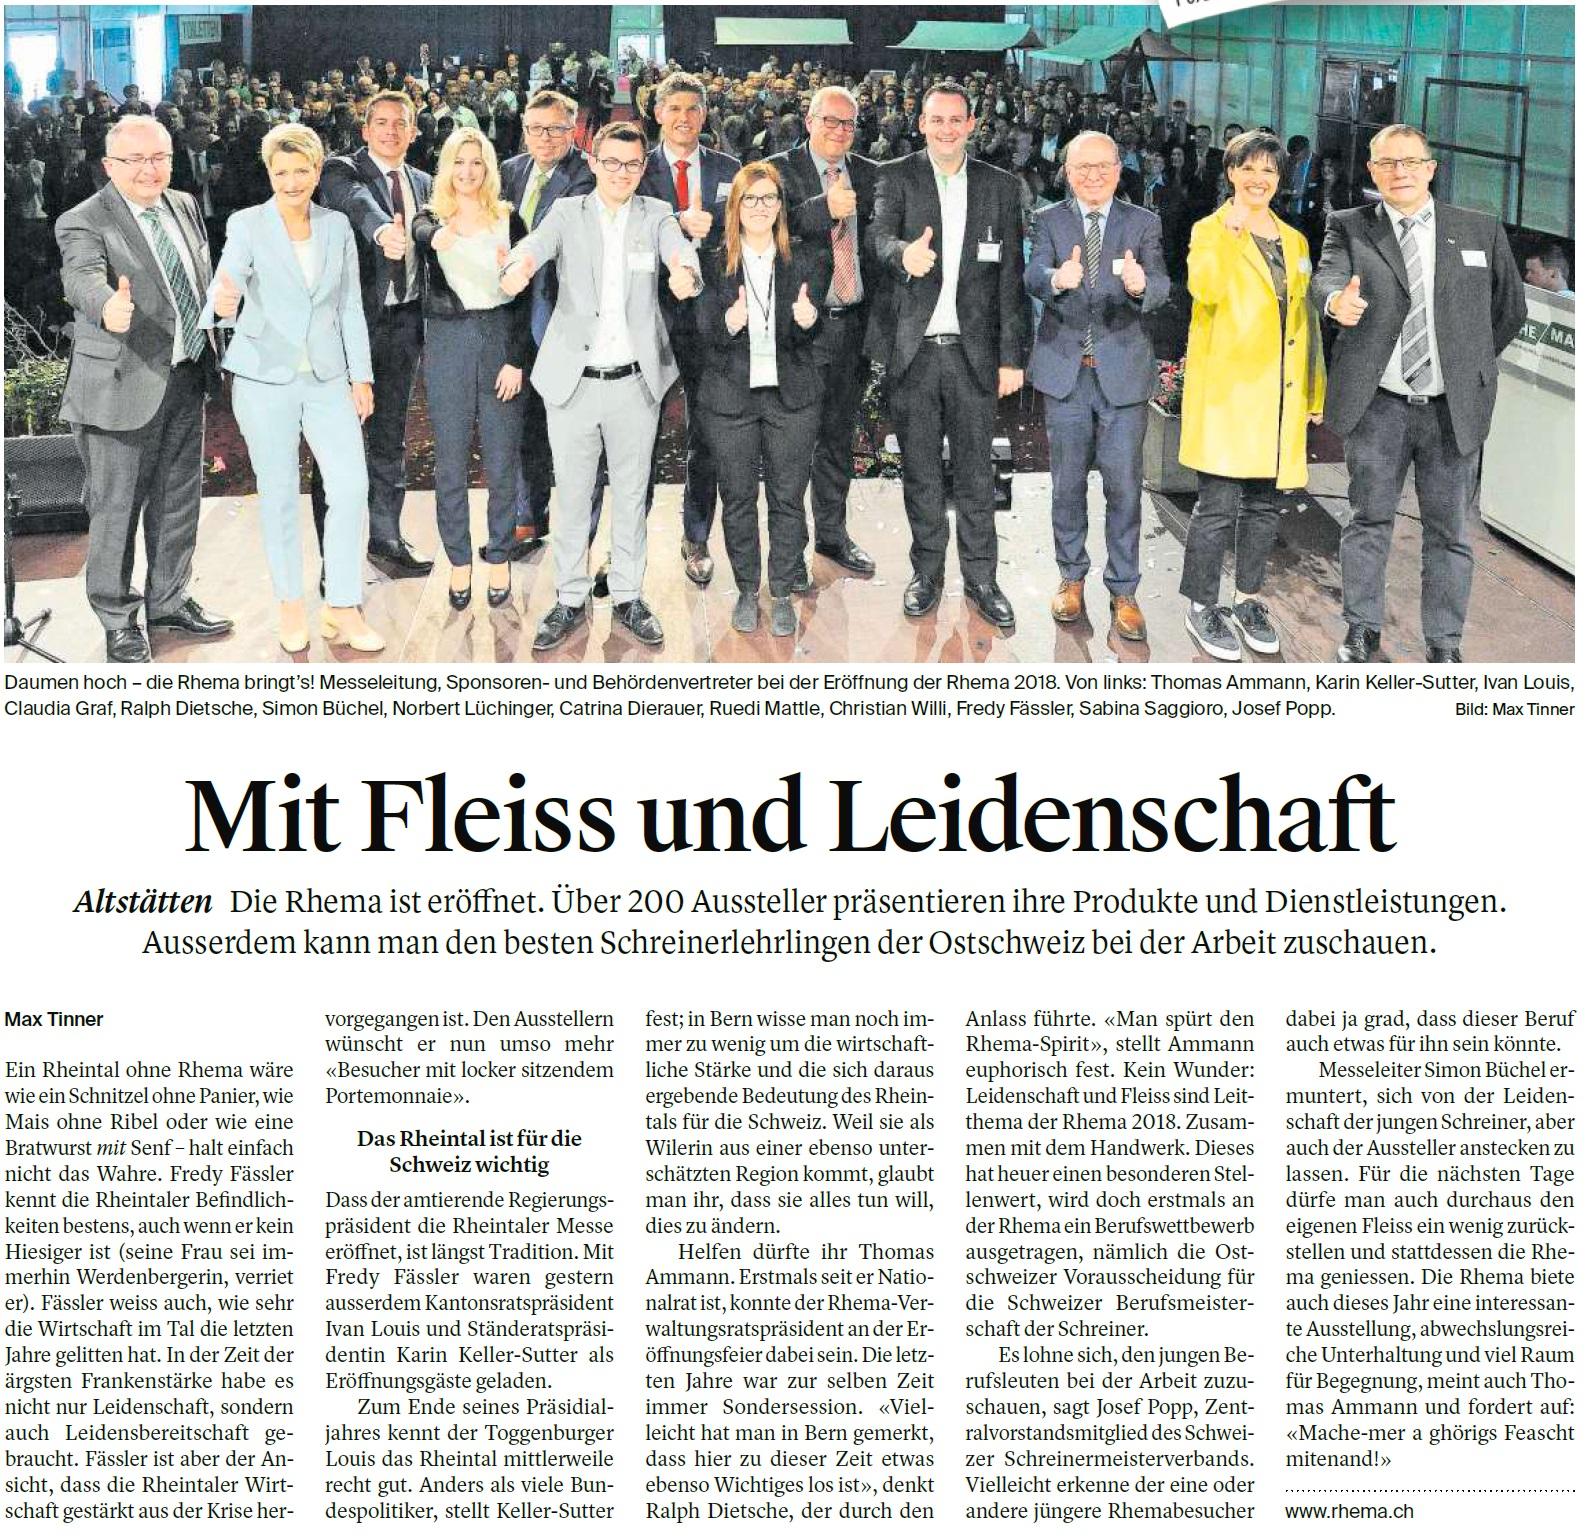 Mit Fleiss und Leidenschaft (Donnerstag, 03.05.2018)